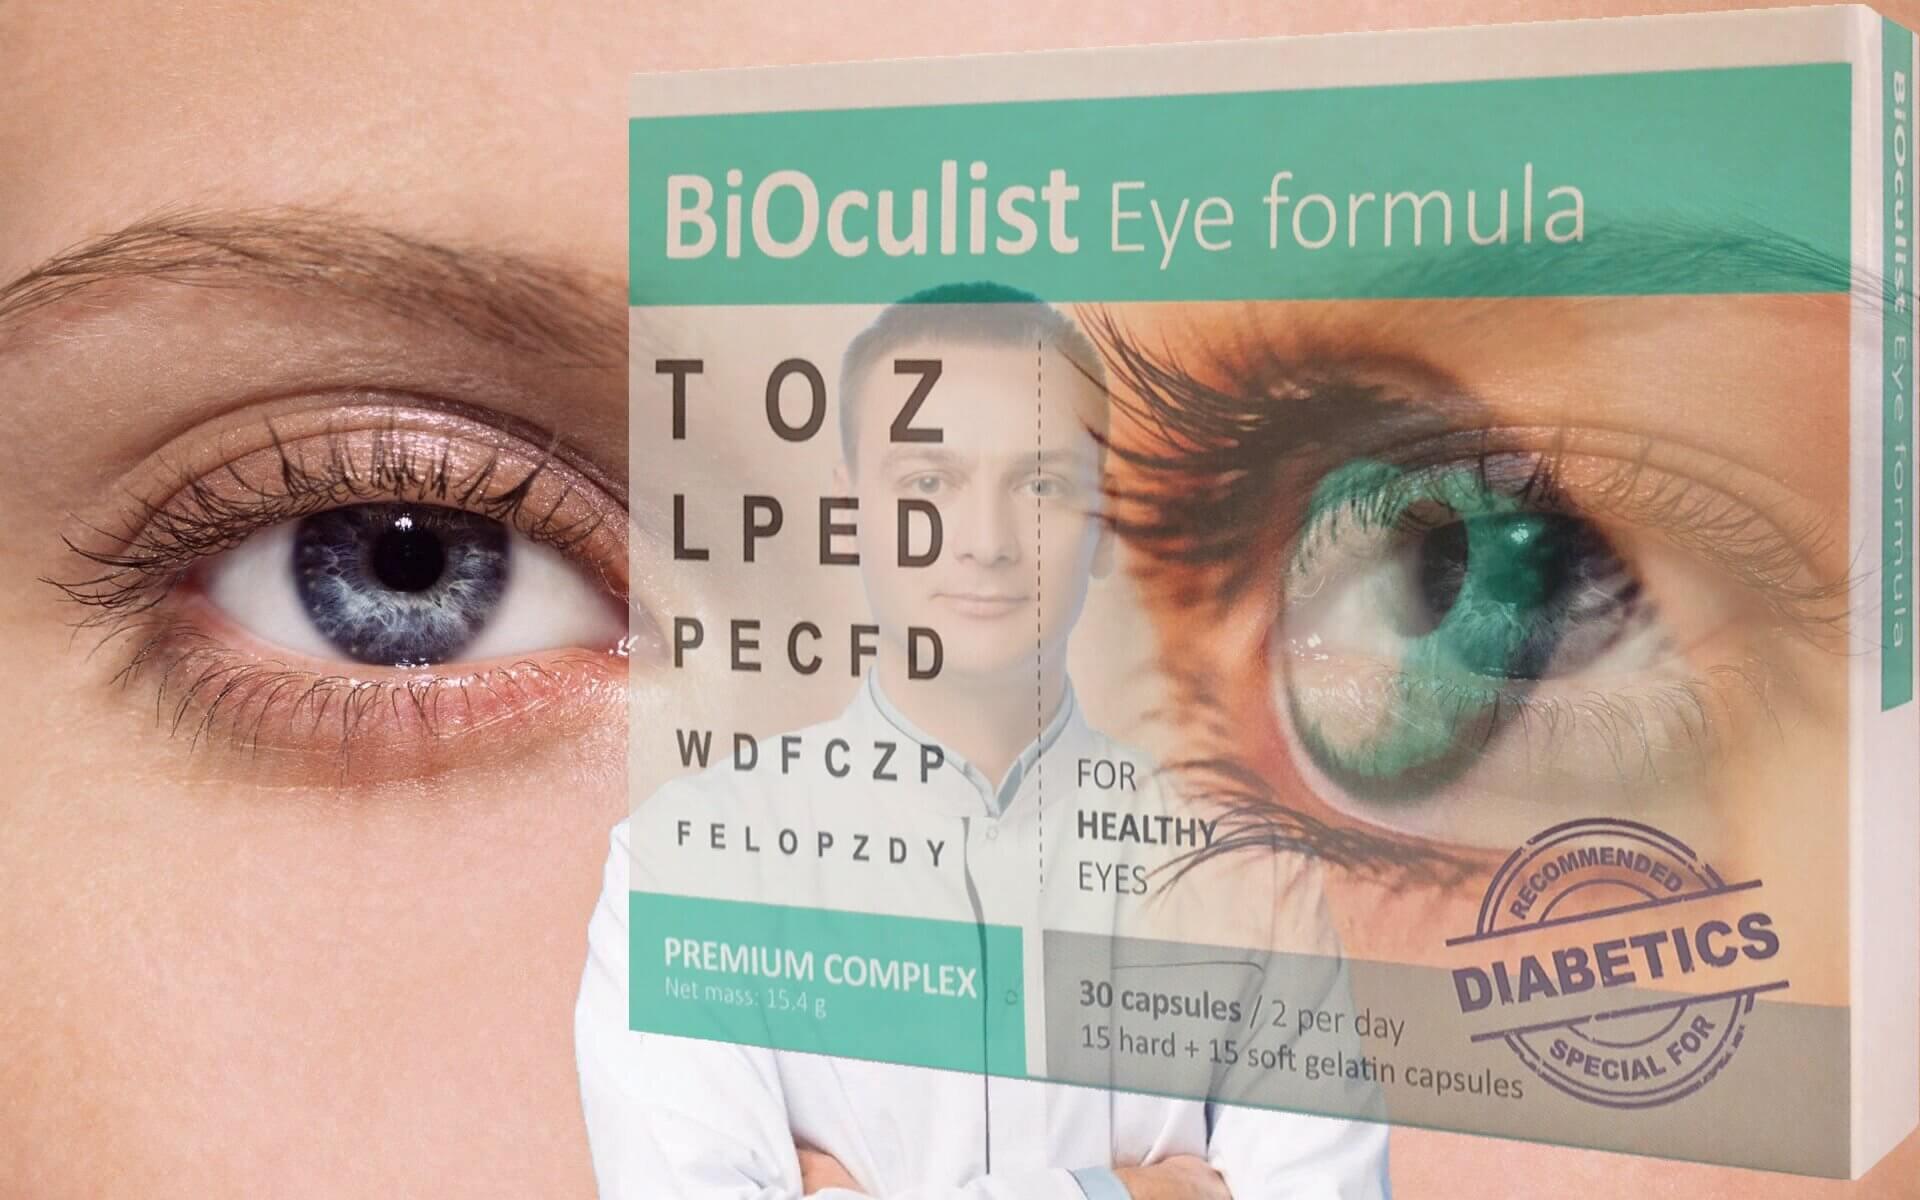 látás és funkció az igazi vízió az